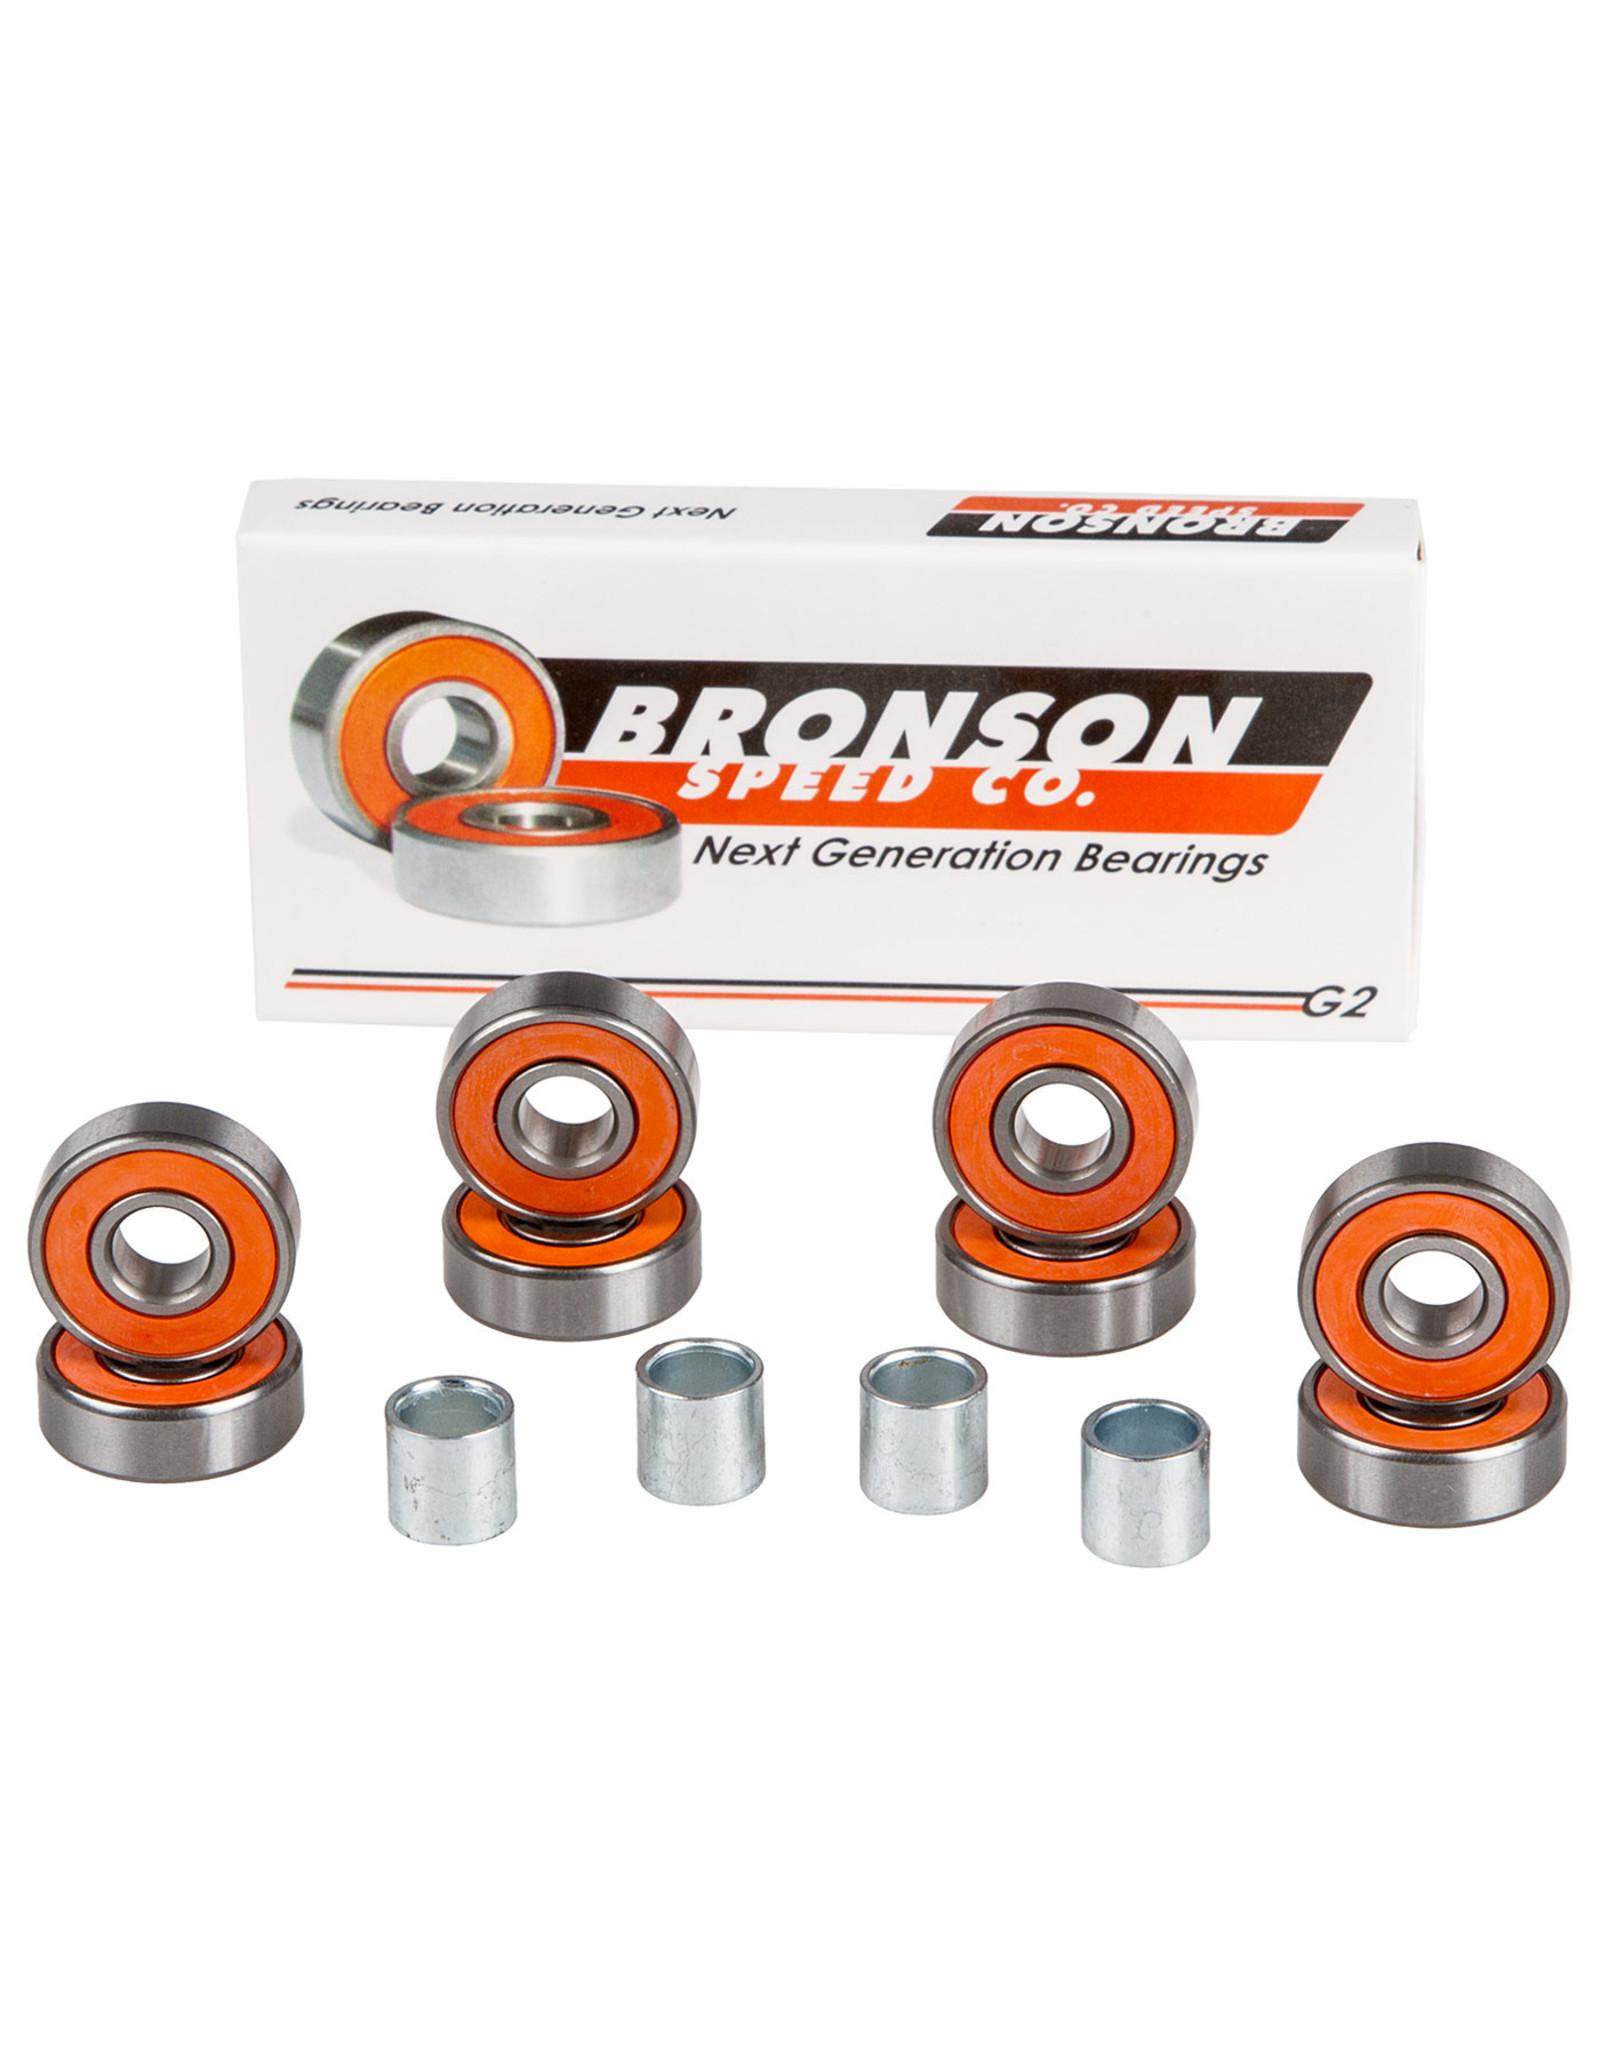 BRONSON SPEED CO. BRONSON G2 Bearings 8pk